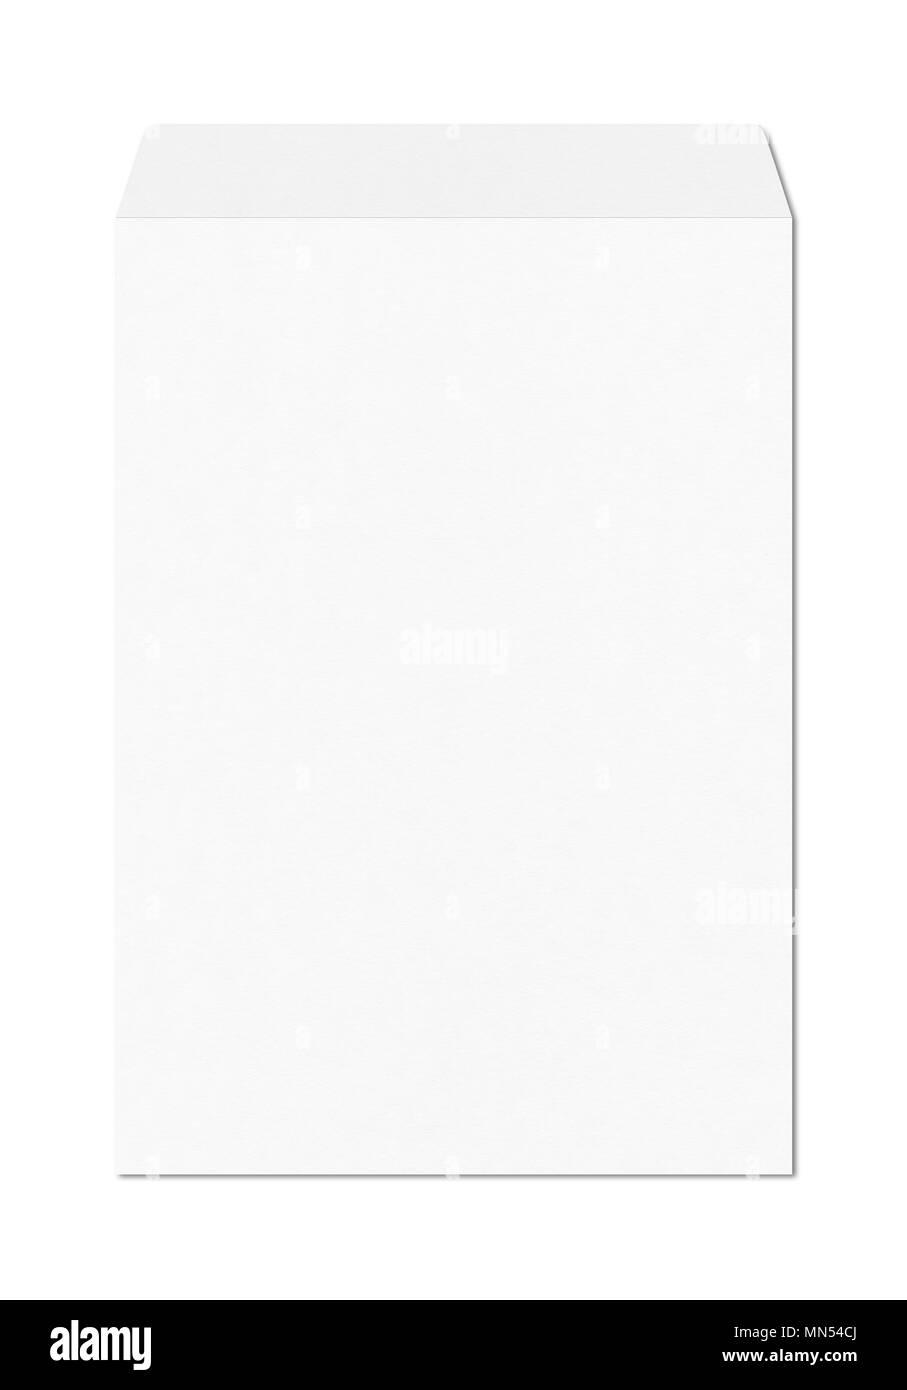 Große A4 Briefumschlag Mockup Vorlage Auf Weißem Hintergrund